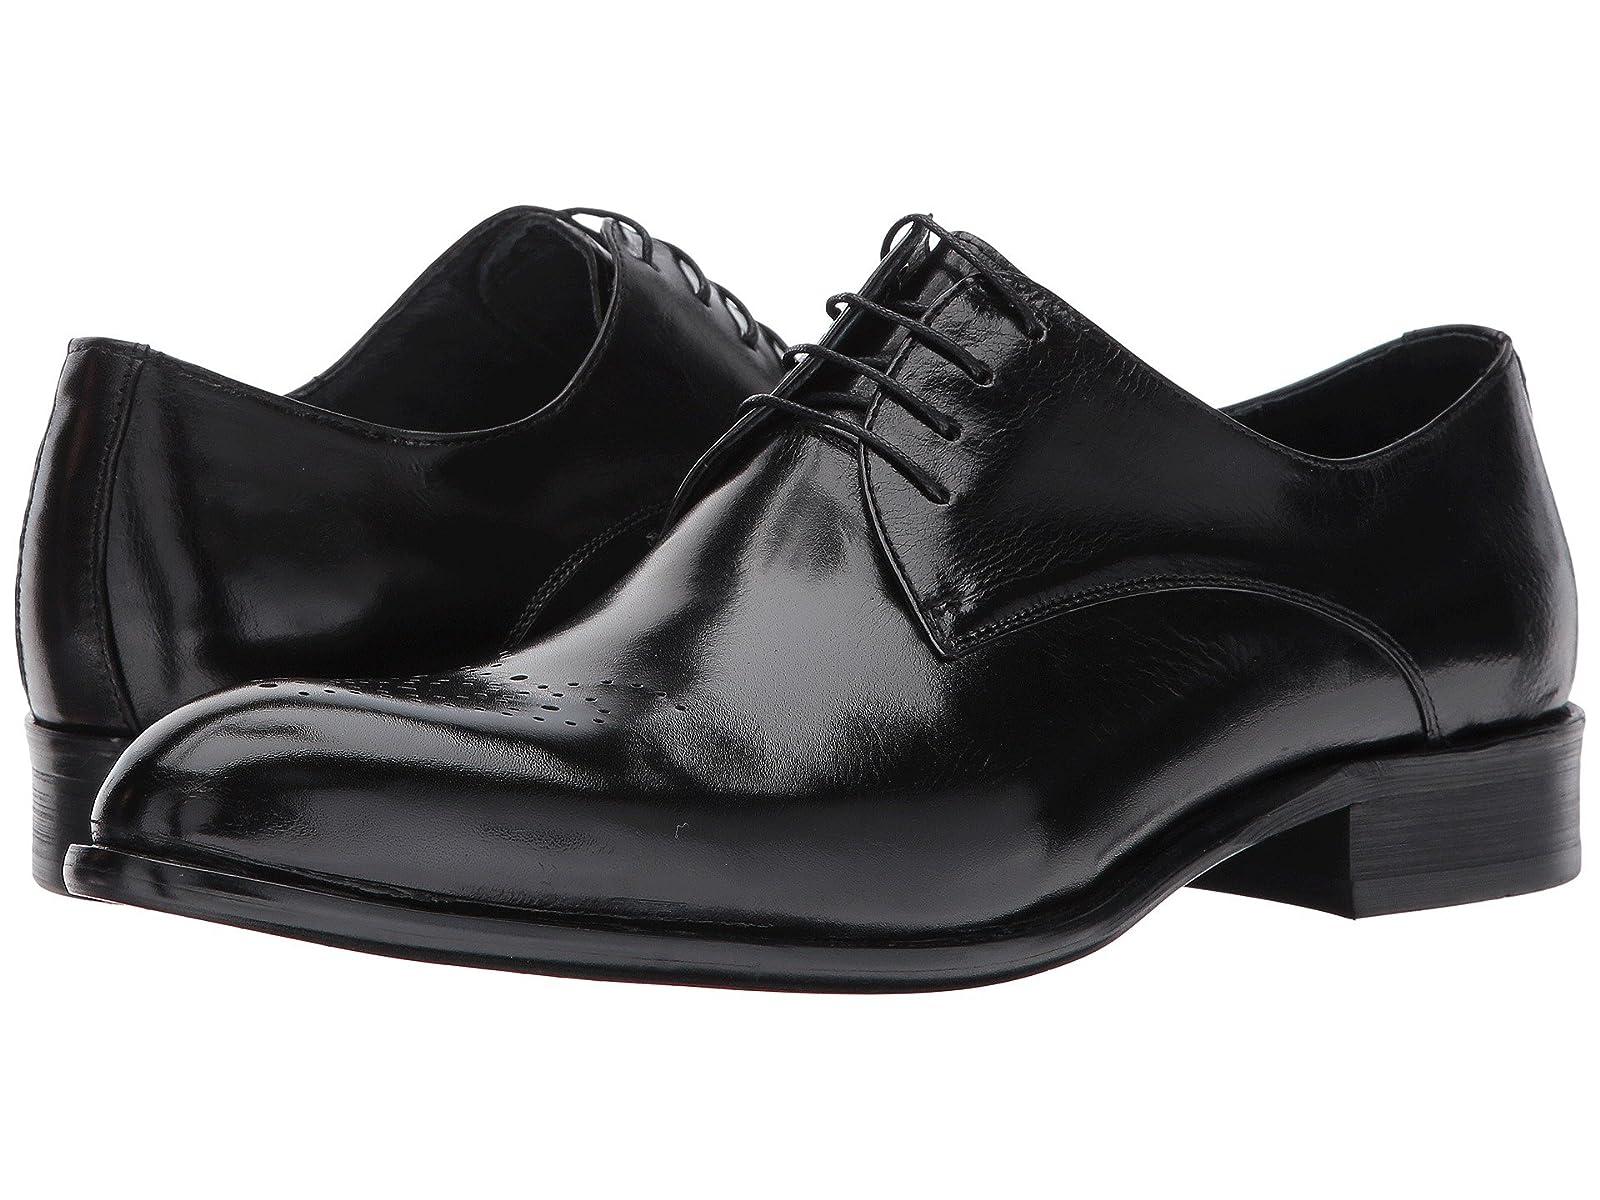 Carrucci JeffersonAtmospheric grades have affordable shoes